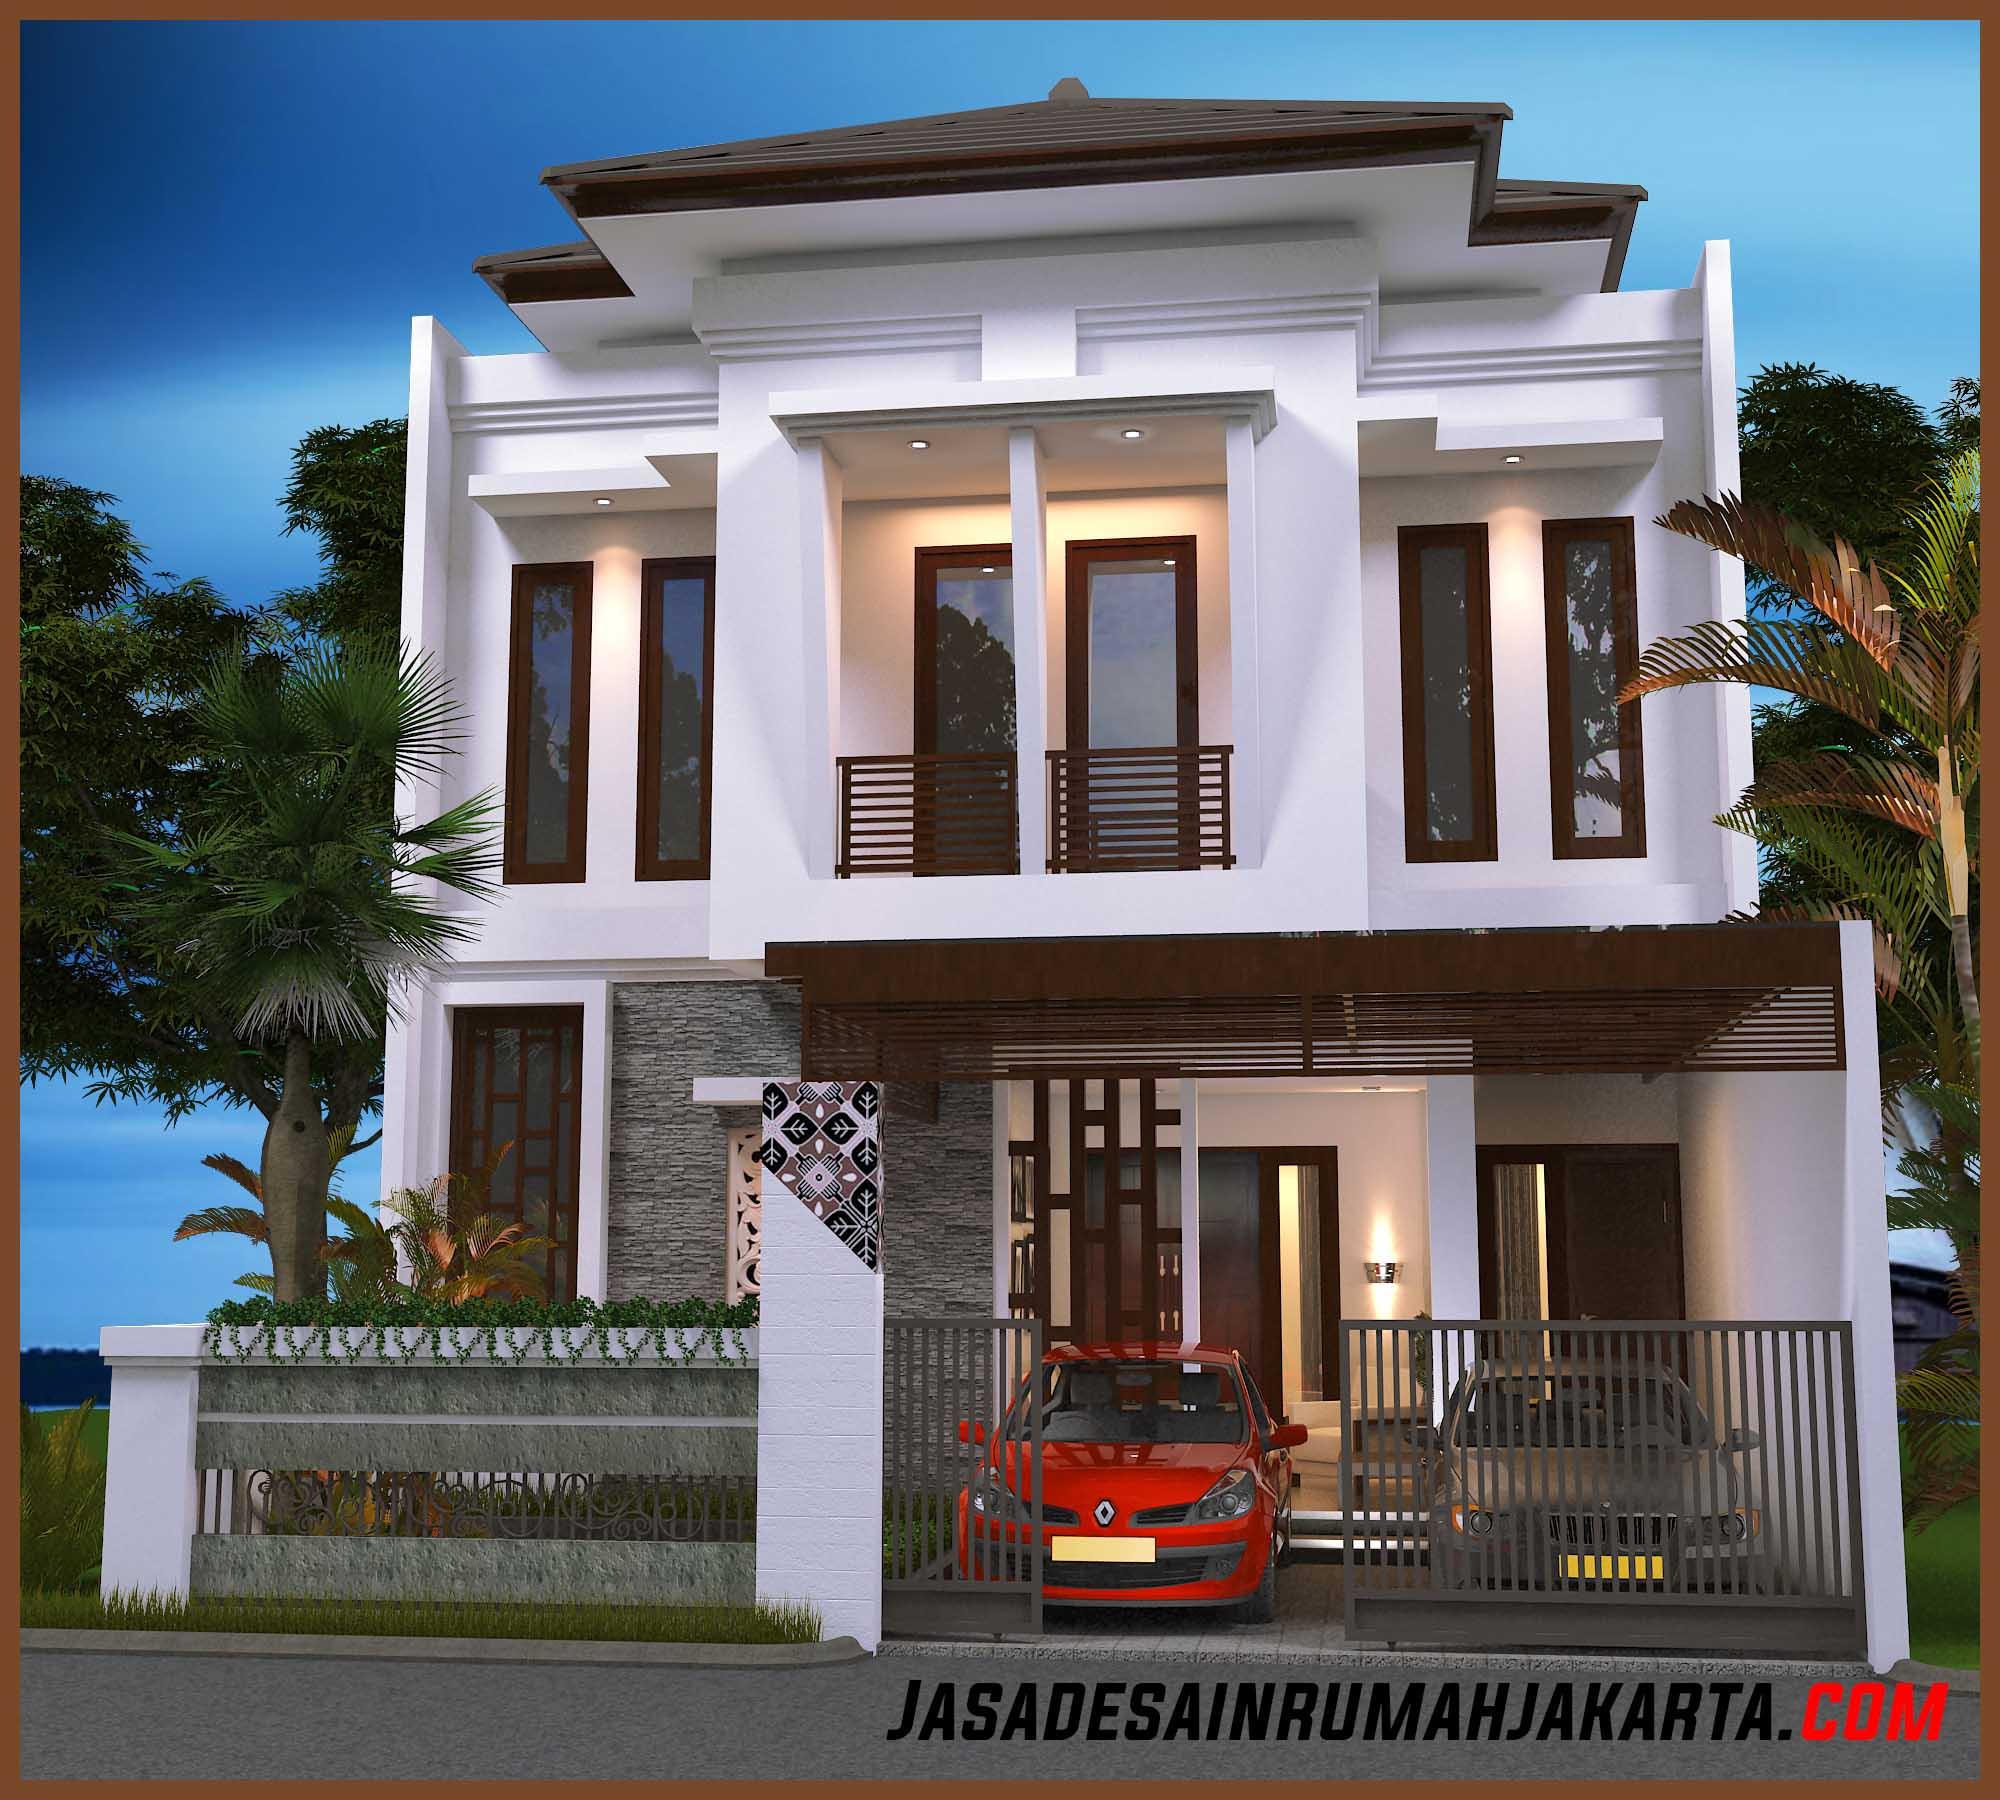 Gambar Rumah Model Terbaru 2017, Jasa Desain Rumah Jakarta